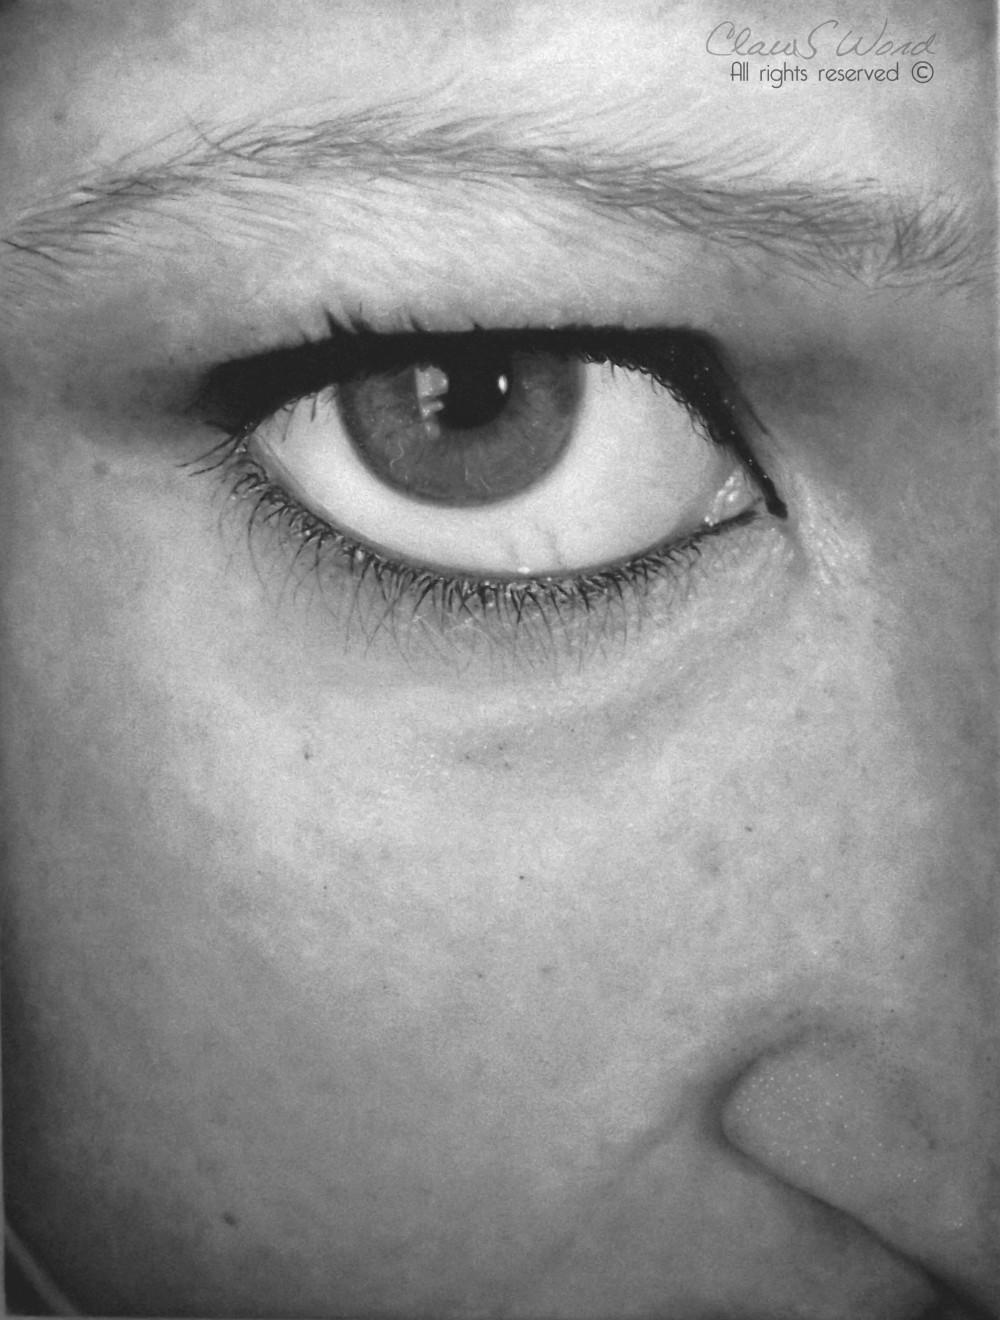 Claus Word Oil Paintings Realistic_Eye